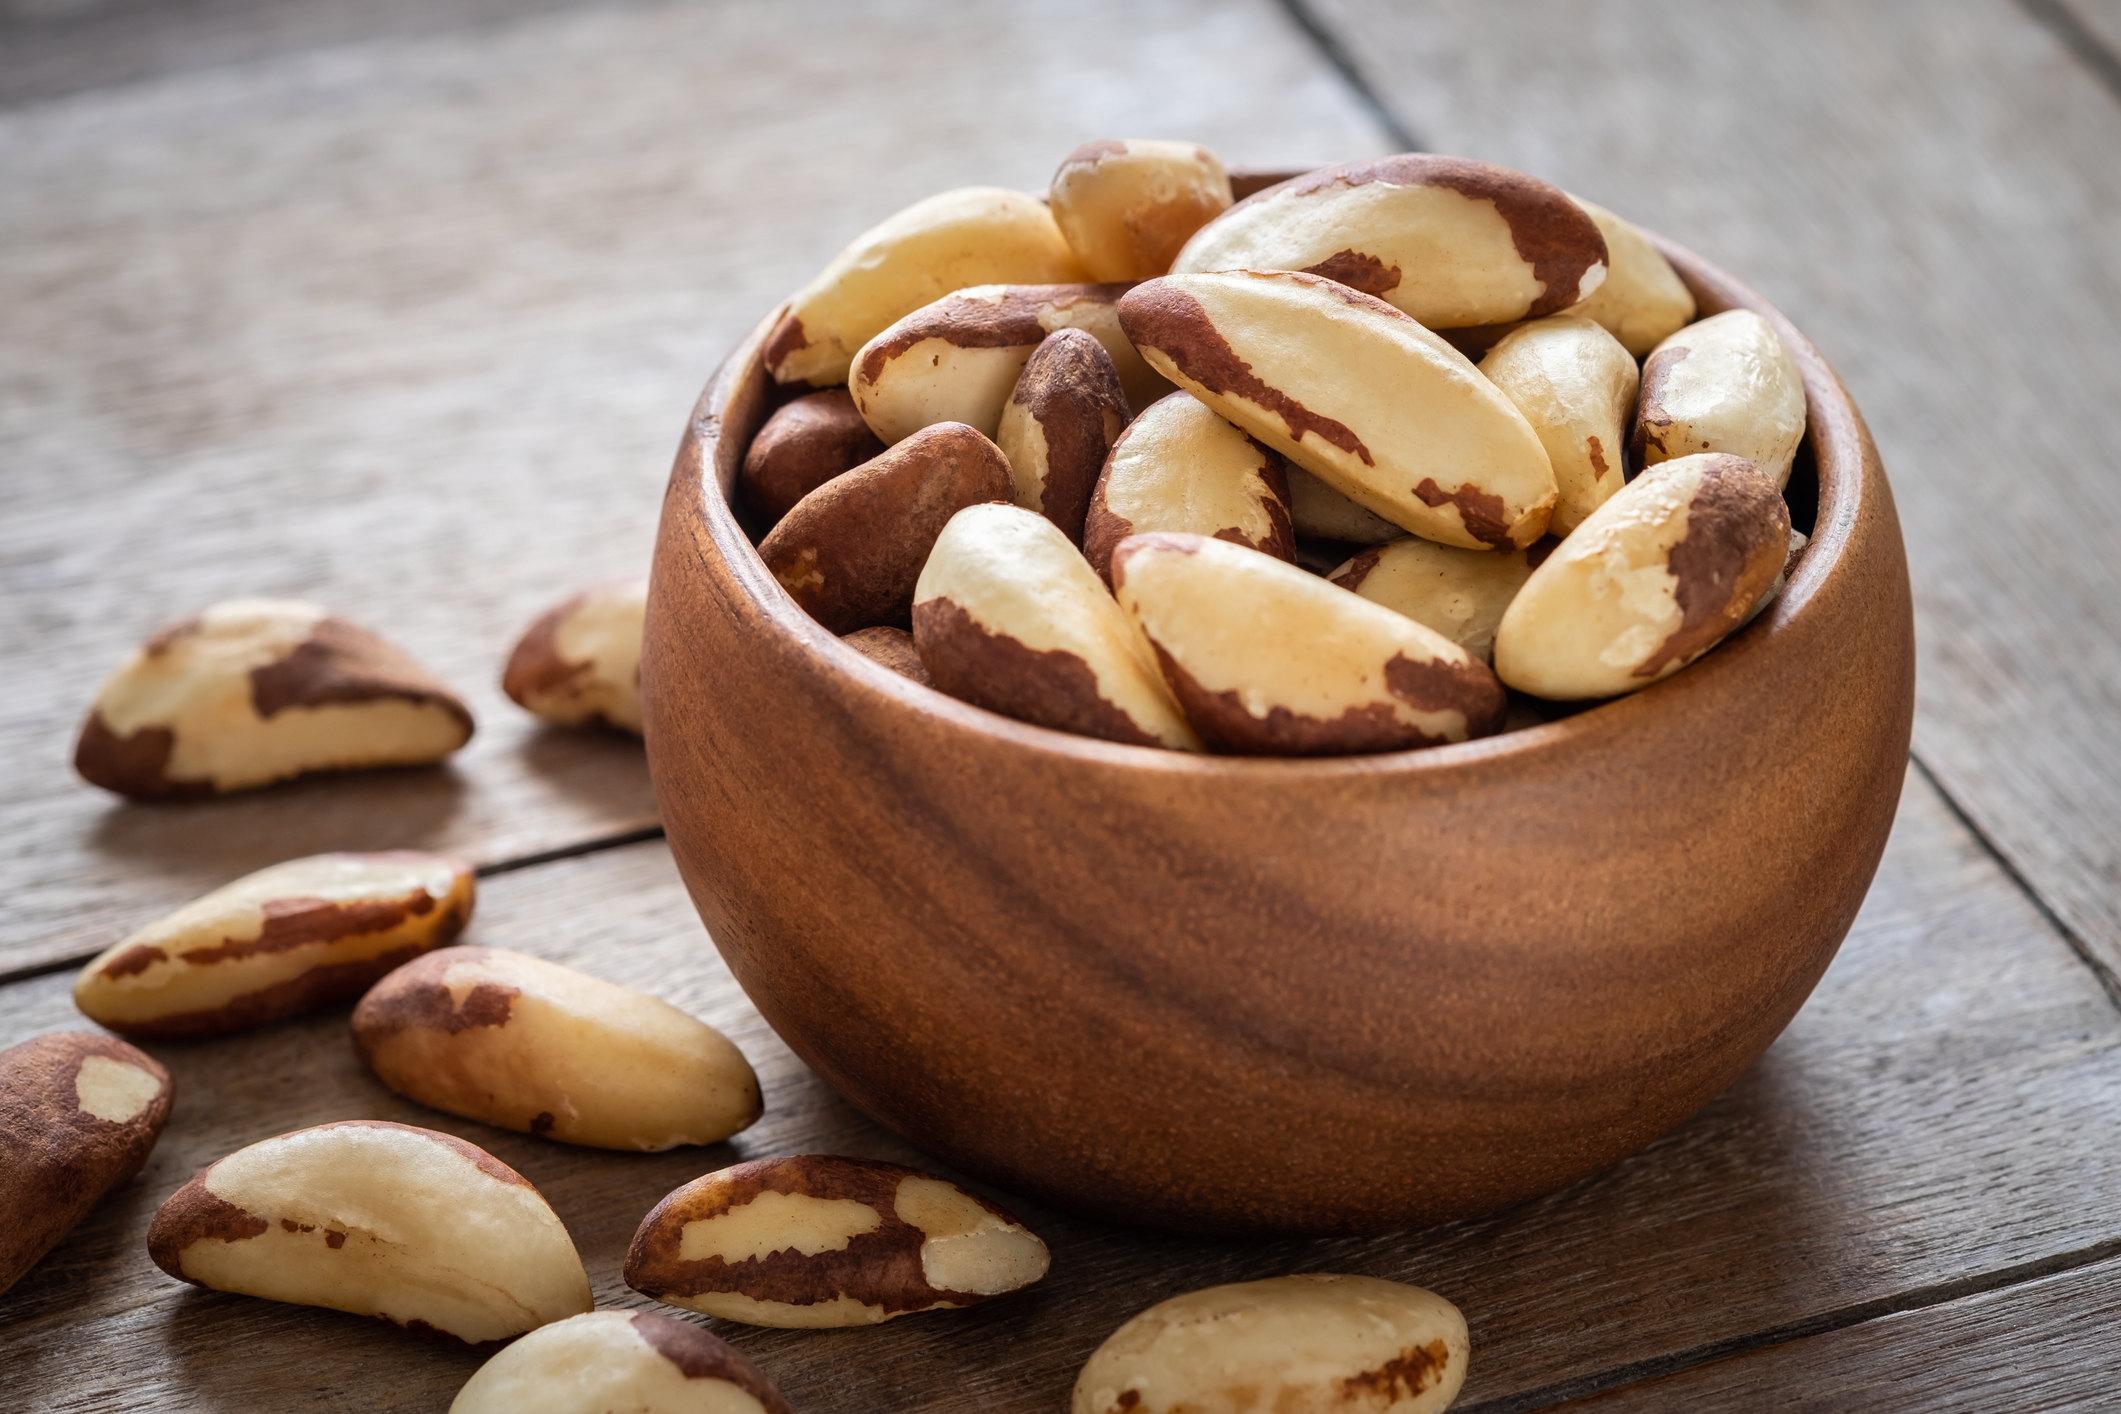 Польза и вред орехов для организма, суточная норма и состав